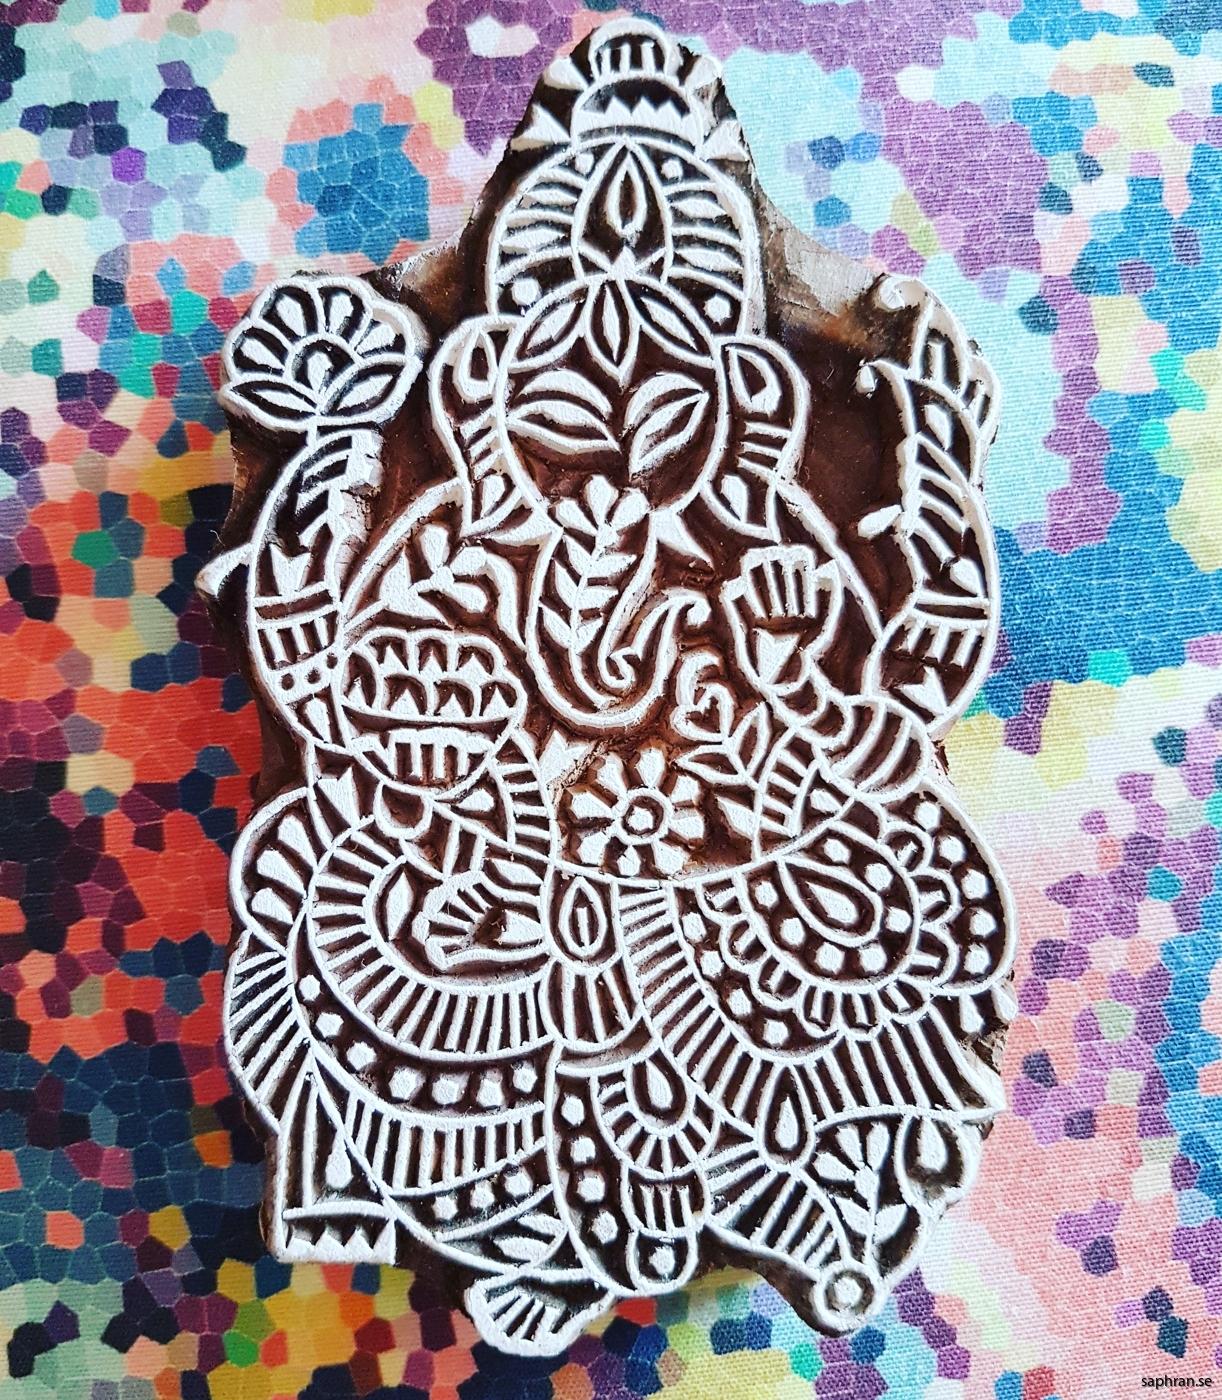 Fixa trycket med dessa handgjorda indiska trästämplar